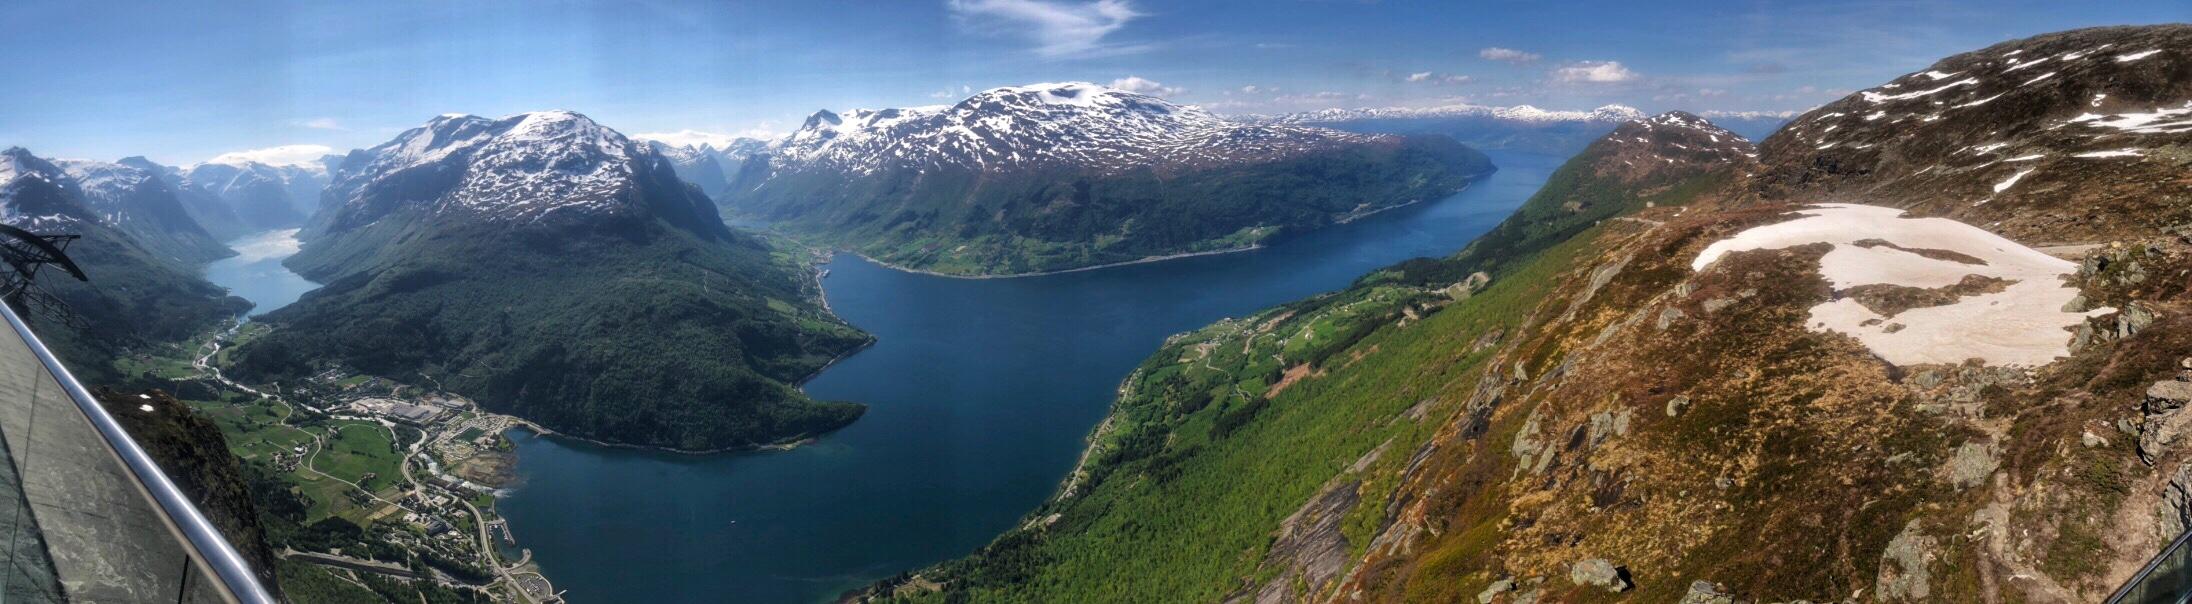 Norway Panorama